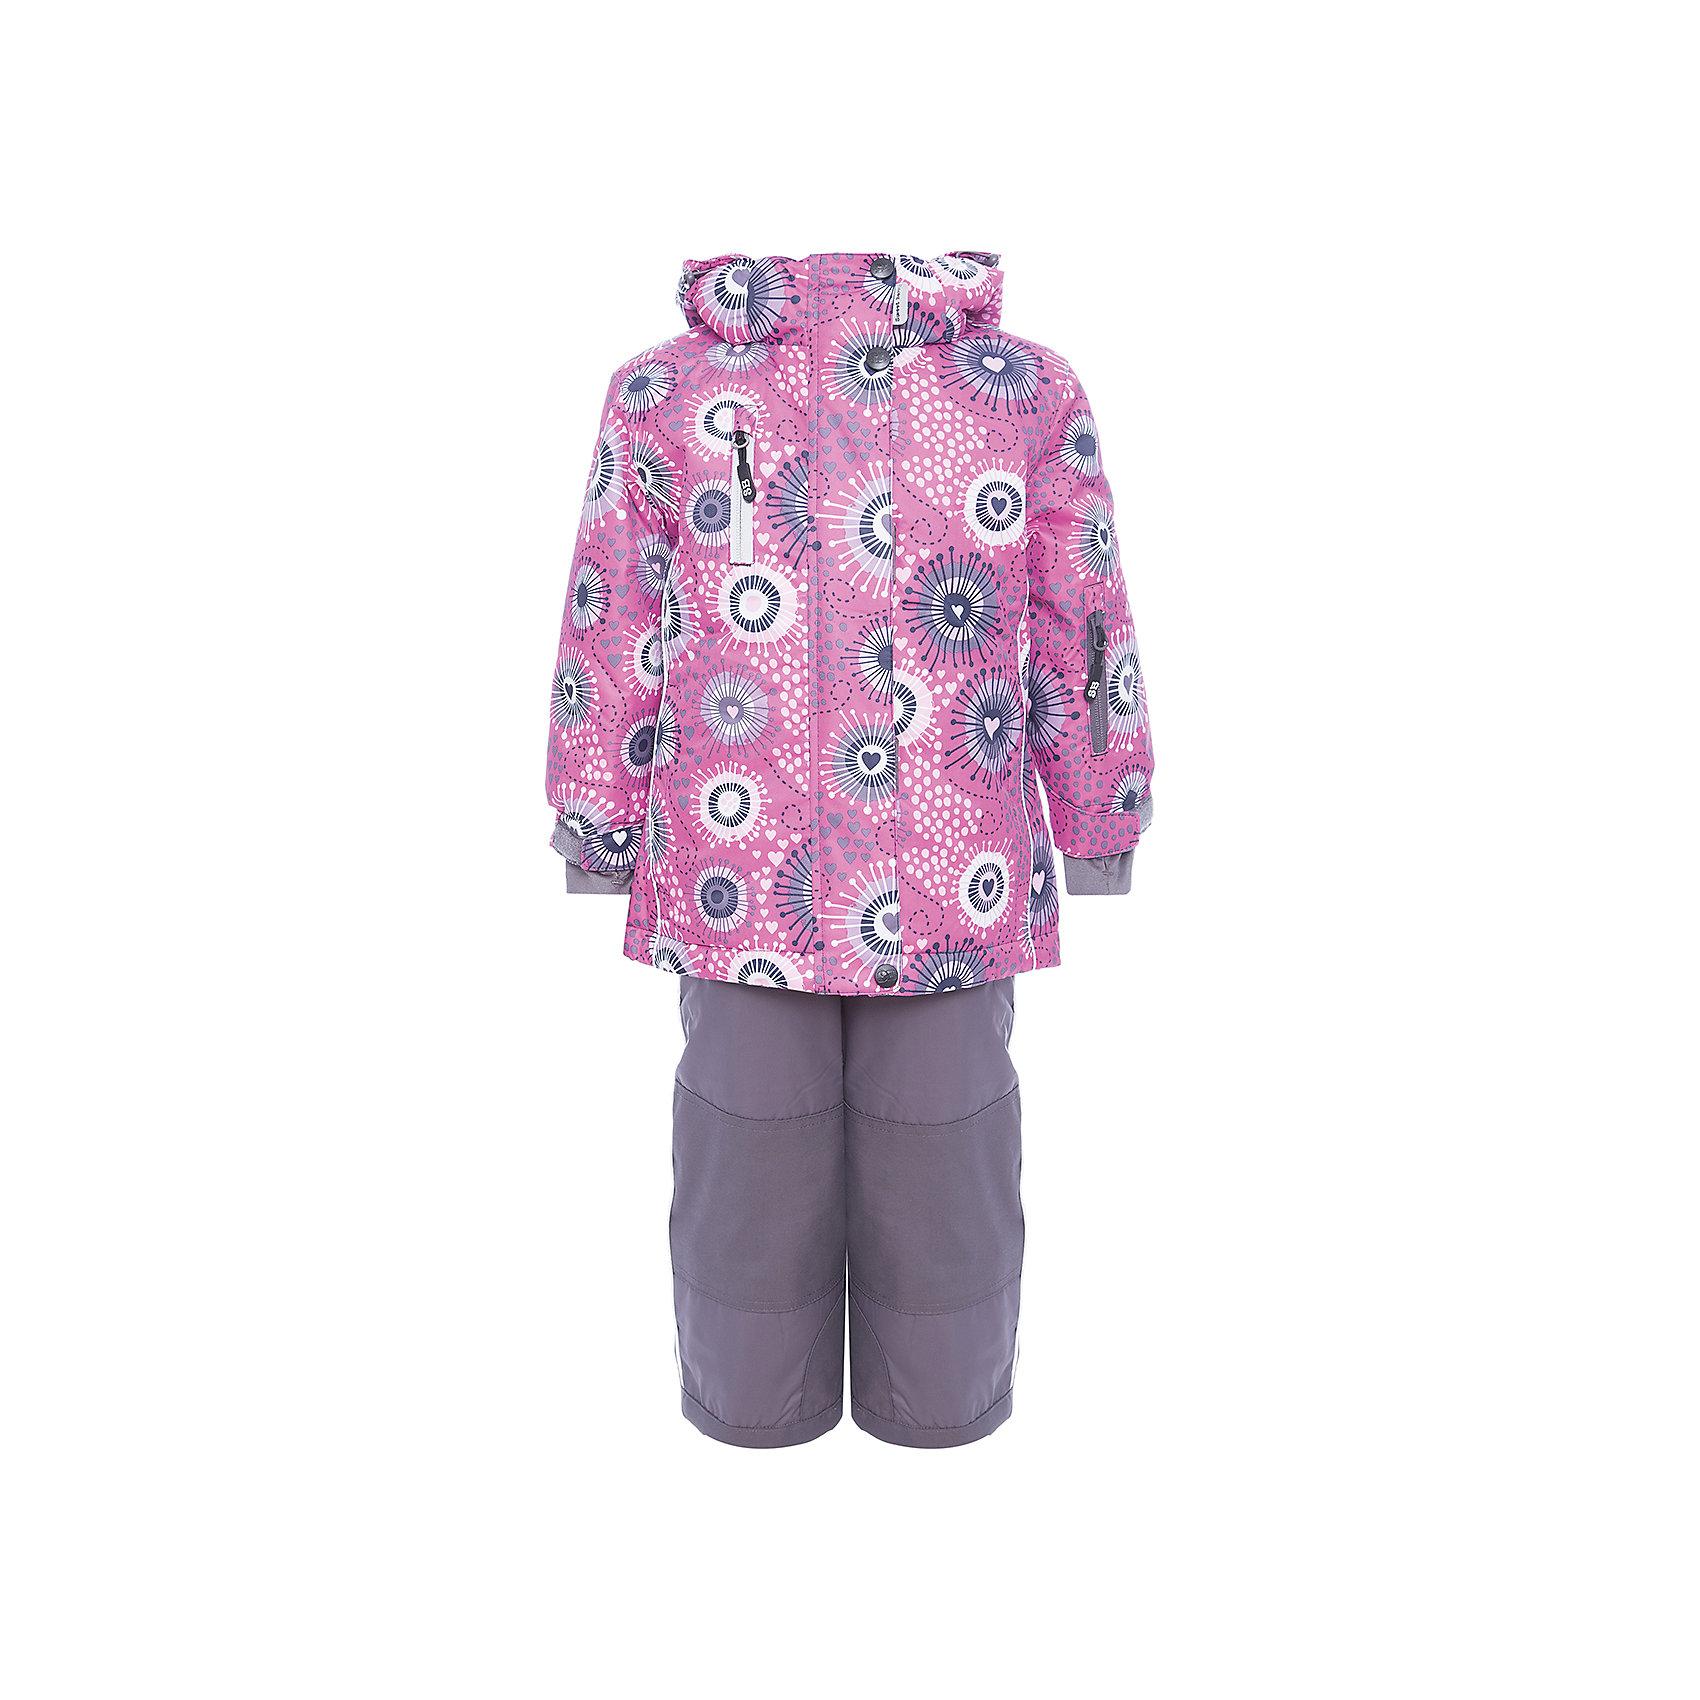 Комплект: куртка и полукомбинезон Sweet Berry для девочкиВерхняя одежда<br>Комплект: куртка и полукомбинезон Sweet Berry для девочки<br>Комфортный и теплый костюм  для девочки из мембранной ткани. В конструкции учтены физиологические особенности малыша. Съемный капюшон на молниях с дополнительной утяжкой, спереди установлены две кнопки.  Рукава с манжетами, регулируются липучкой. На куртке два кармана, застегивающиеся на молнию. Застежка-молния с внешней ветрозащитной планкой. Брюки на регулируемых подтяжках гарантируют посадку по фигуре.  Колени, задняя поверхность бедер и низ брюк дополнительно усилены сверхпрочным материалом. Силиконовые отстегивающиеся штрипки на брючинах. Ткань верха: мембрана 5000мм/5000г/м2/24h, waterproof, водонепроницаемая с грязеотталкивающей пропиткой.<br>Пoдкладка: флис<br>Утеплитель: синтетический утеплитель 220 г/м? (куртка),<br>180 г/м? (рукава, п/комбинезон). Температурный режим: от -35 до +5 С<br>Состав:<br>Верх: куртка: 100%полиэстер, полукомбинезон:  100%нейлон.  Подкладка: 100%полиэстер. Наполнитель: 100%полиэстер<br><br>Ширина мм: 356<br>Глубина мм: 10<br>Высота мм: 245<br>Вес г: 519<br>Цвет: розовый<br>Возраст от месяцев: 60<br>Возраст до месяцев: 72<br>Пол: Женский<br>Возраст: Детский<br>Размер: 116,92,98,104,110<br>SKU: 7094602